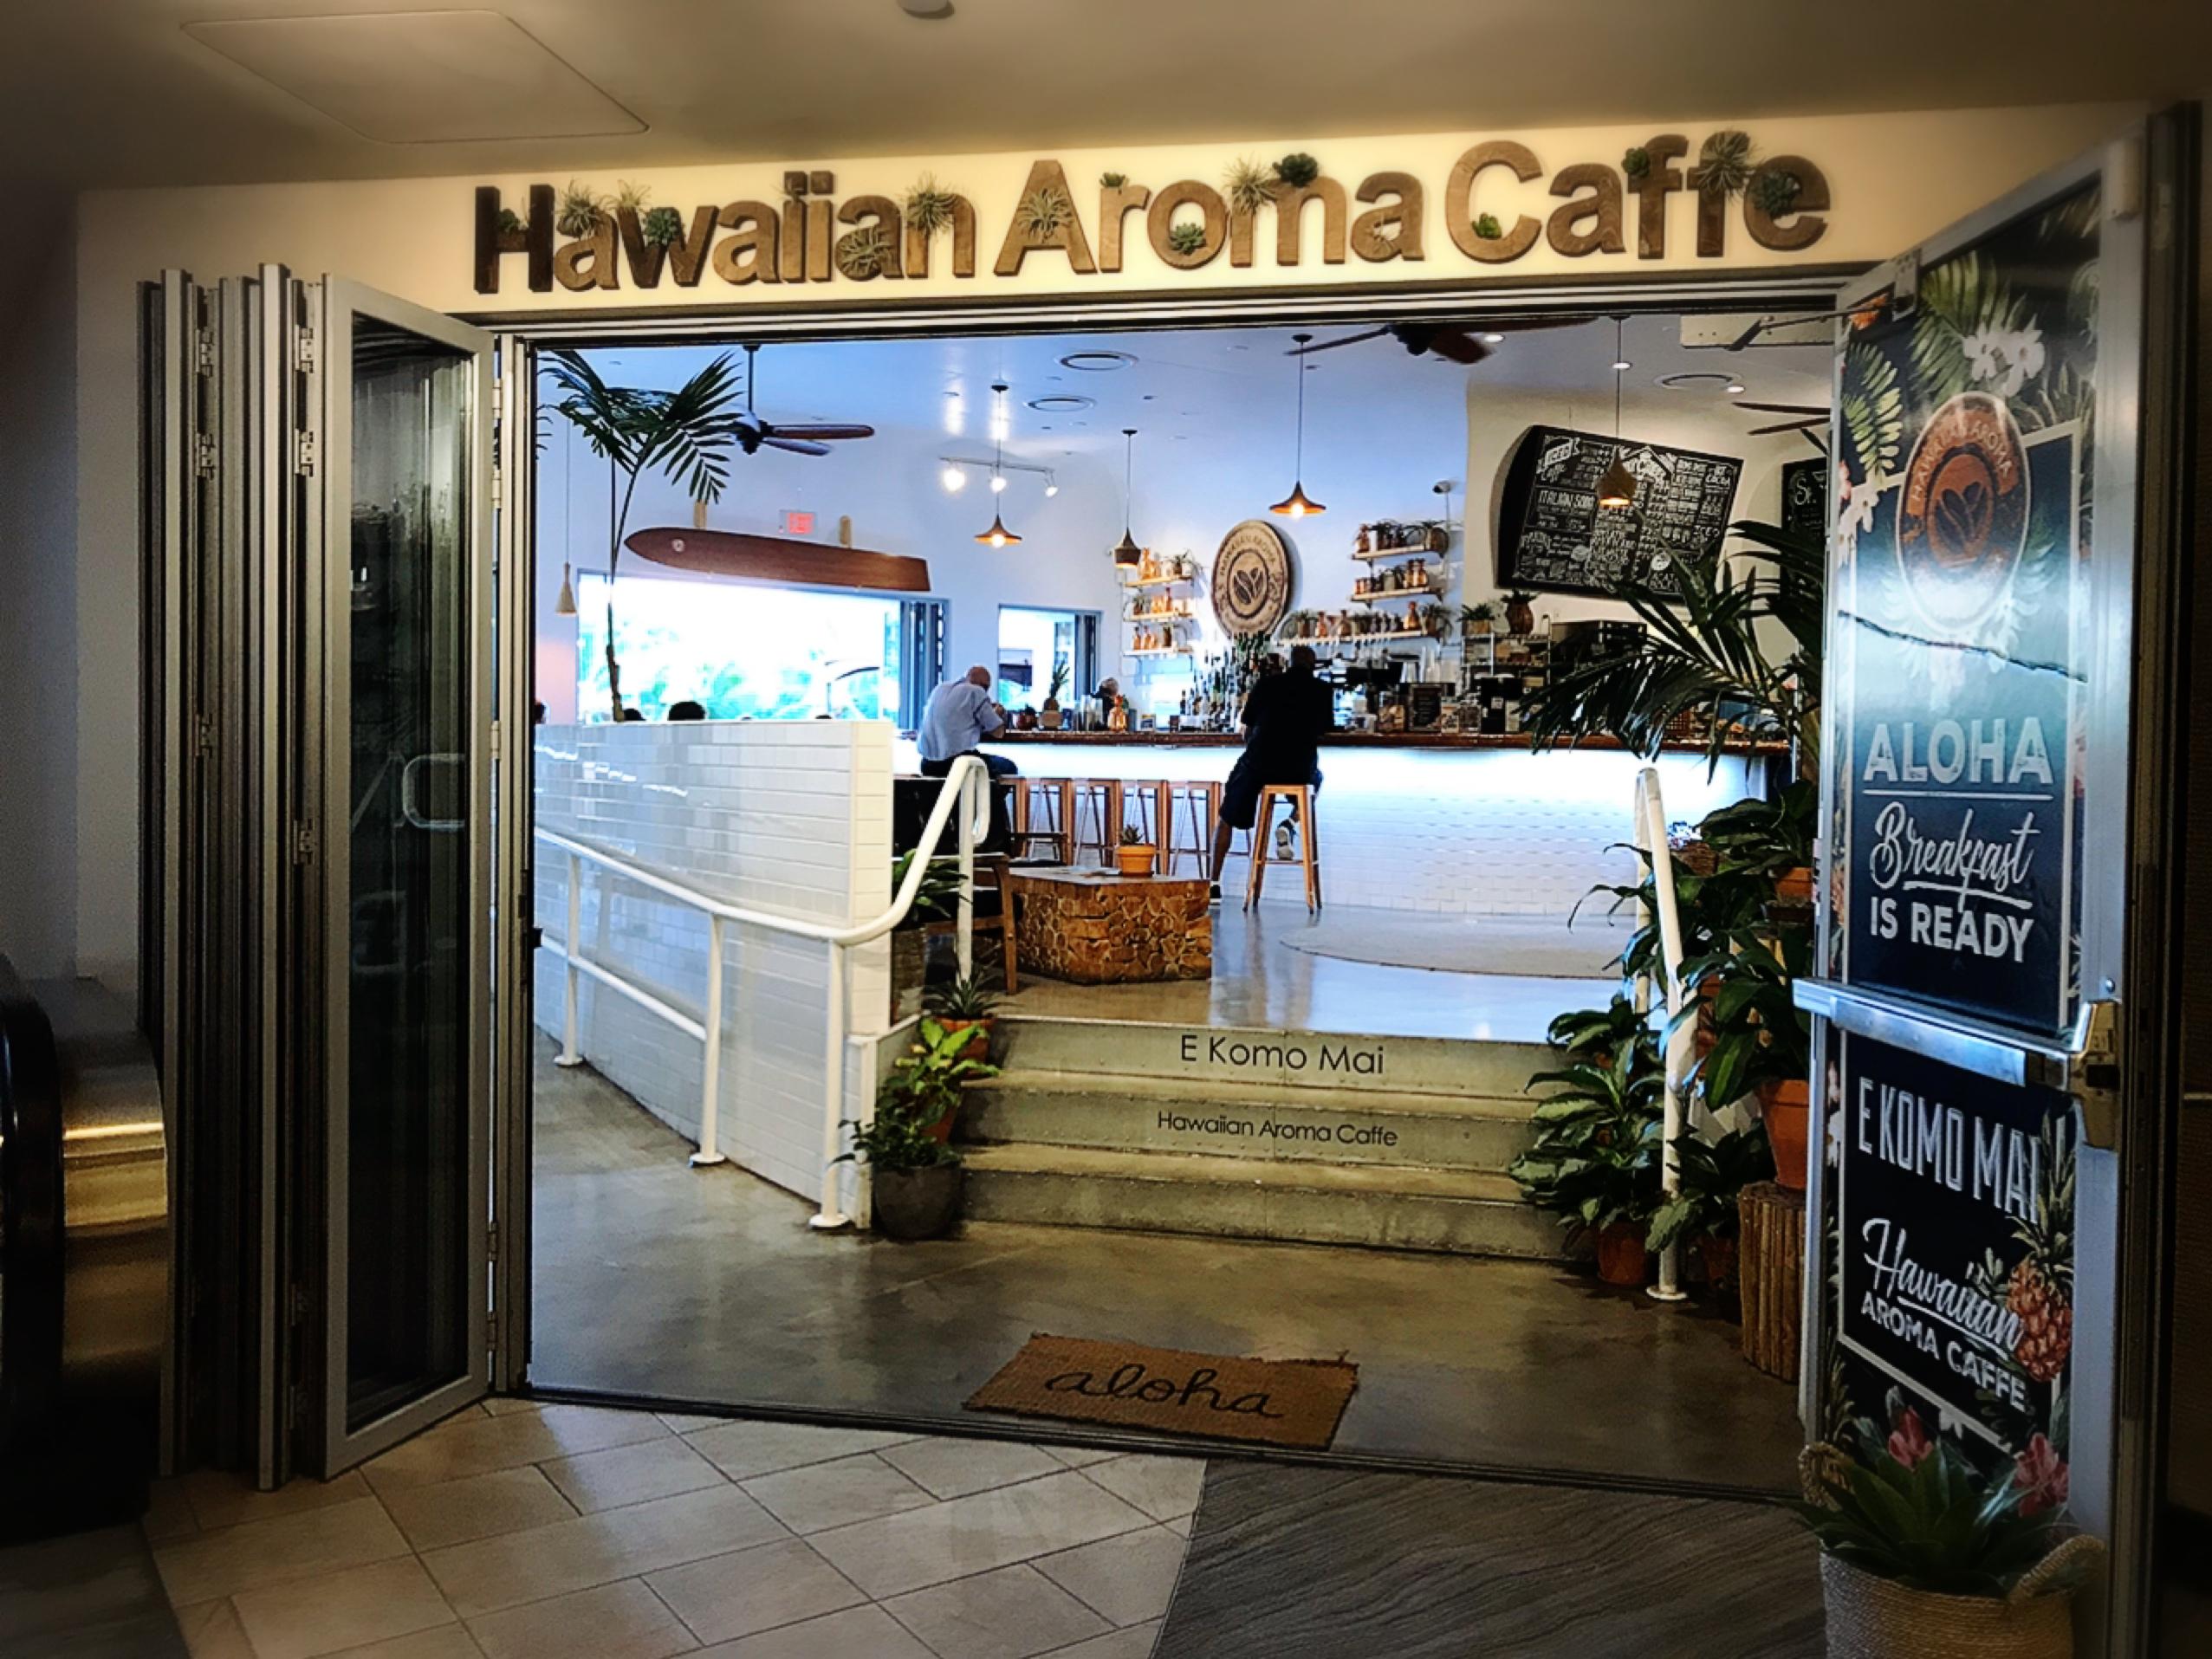 【#Hawaii】#2 写真で旅行気分を(๑>◡<๑) アクセス◎クーポンで15%オフが嬉しい美味しくてフォトジェニックなCAFE☕︎_1